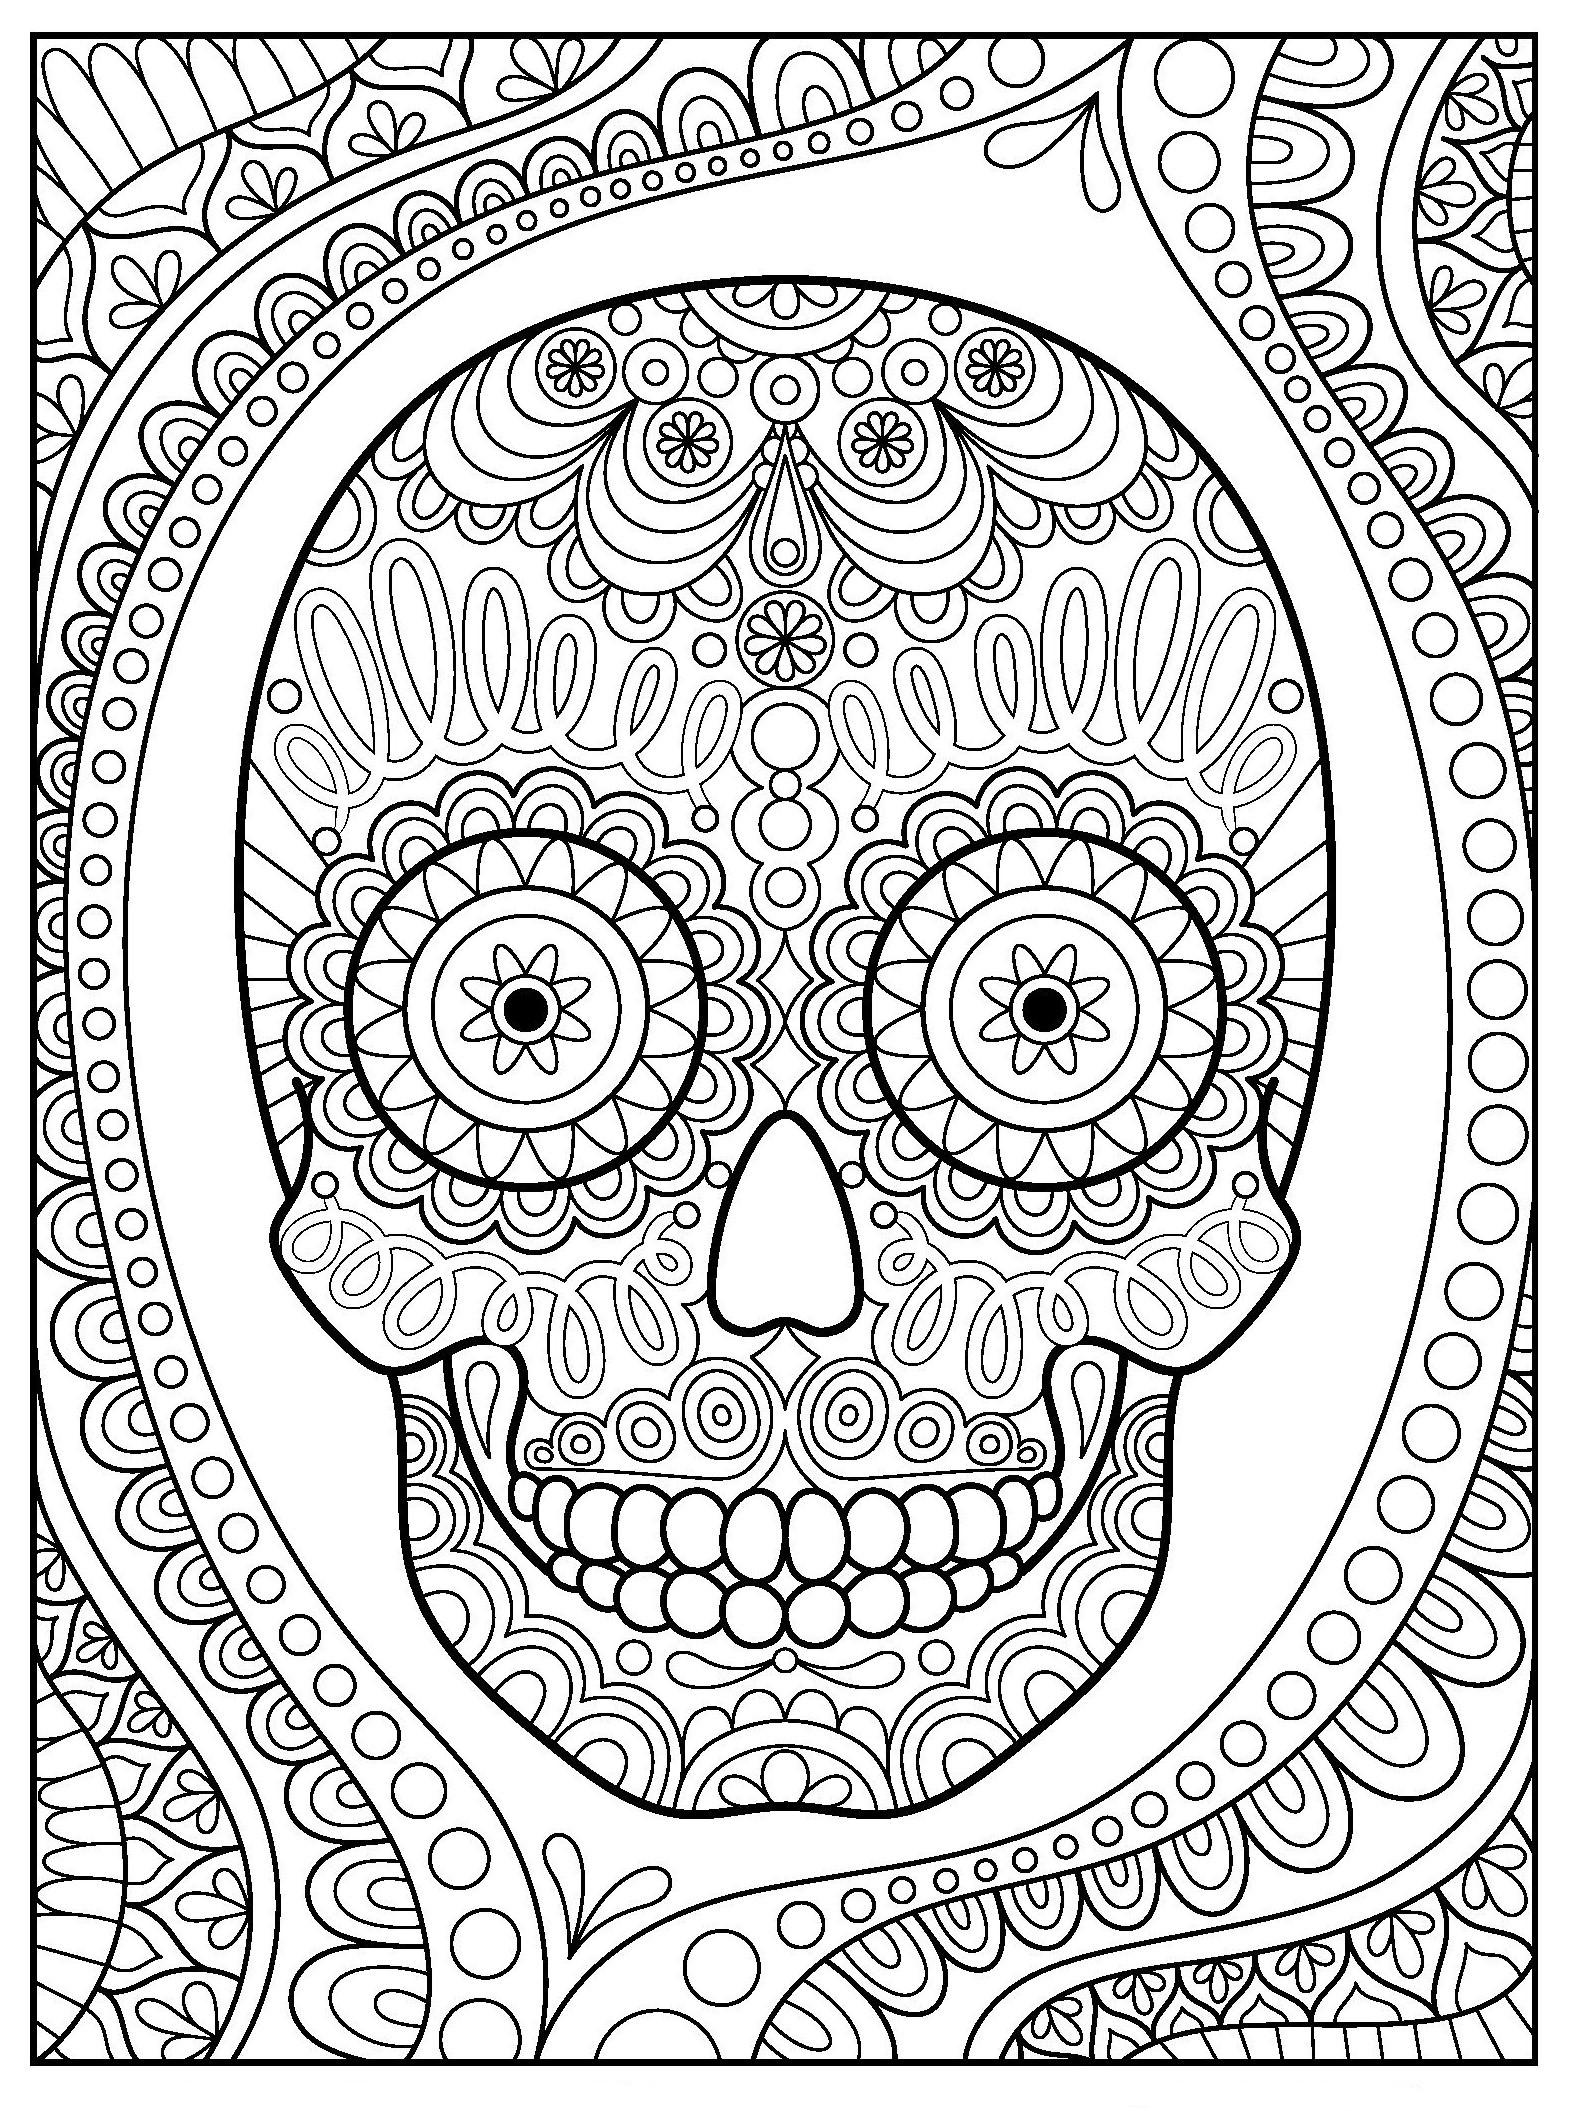 Крутой череп с орнаментом